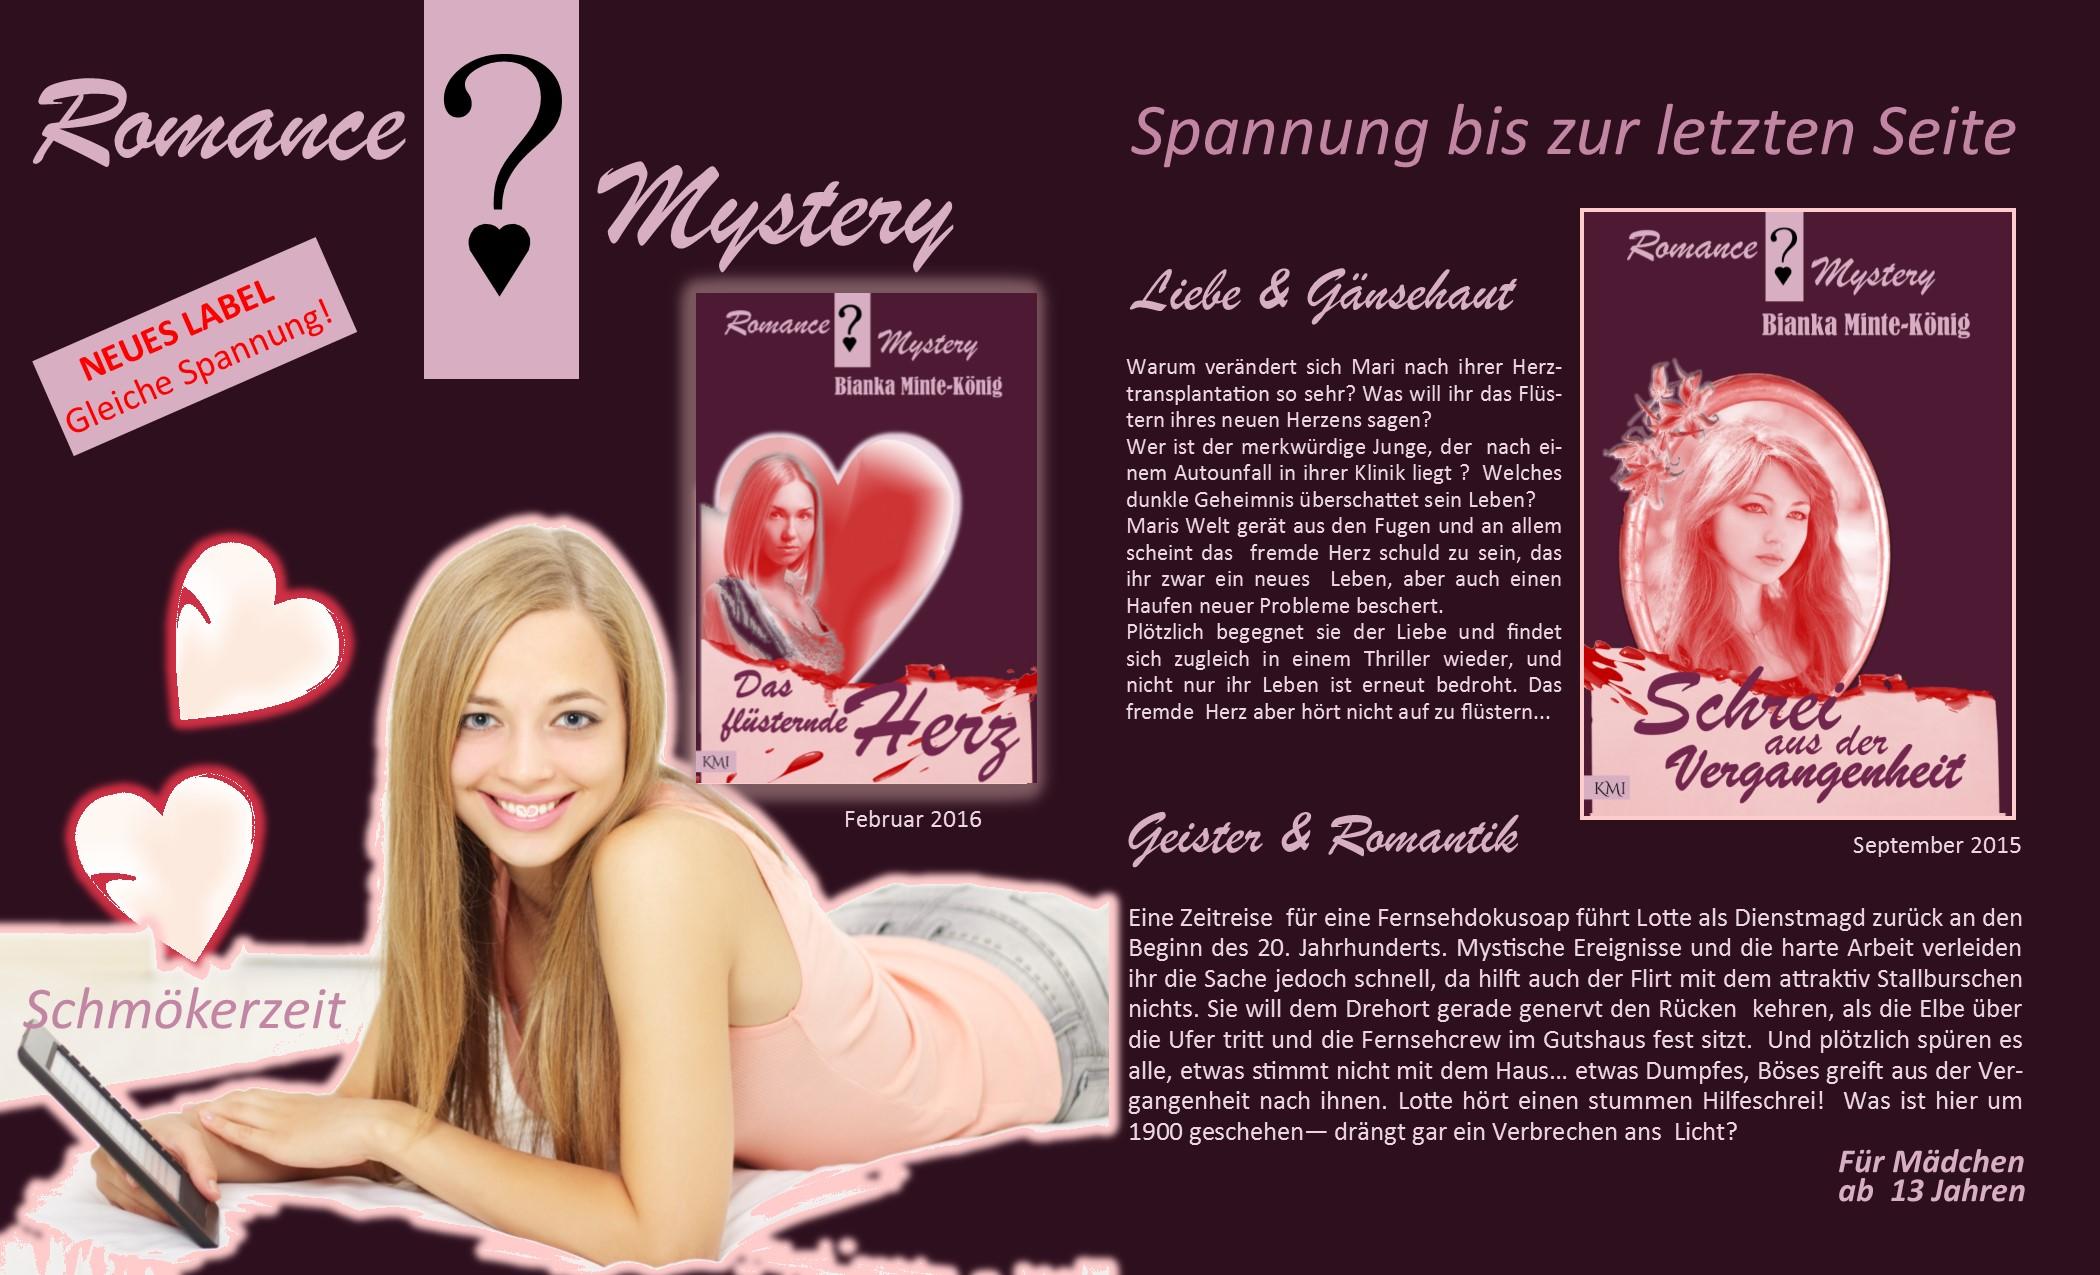 Buchseite Liebe & Geheimnis Herbst 2015  Homepage Texte